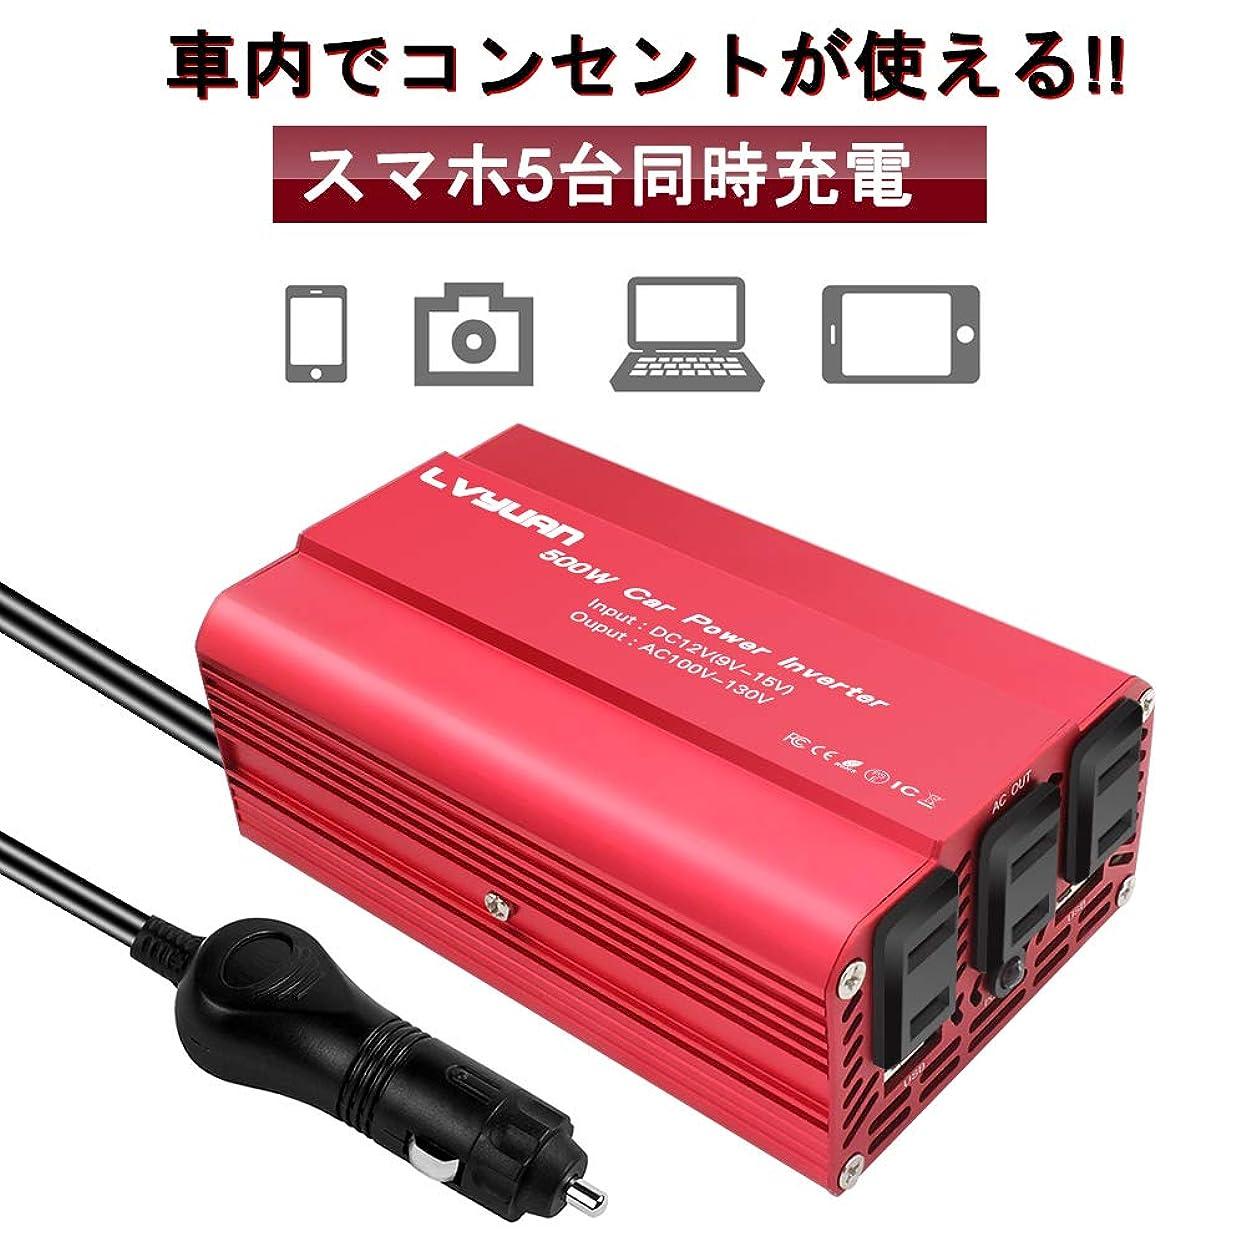 キャリッジ彼自身協同IpowerBingo インバーター 12V 定格500W(最大1000W) DC(直流)12V AC(交流)100V [車載充電器、車中泊グッズ スマホ充電 、急速充電器 、シガーソケット]ACコンセント×3、USB 3.1A ソケット×2 ...